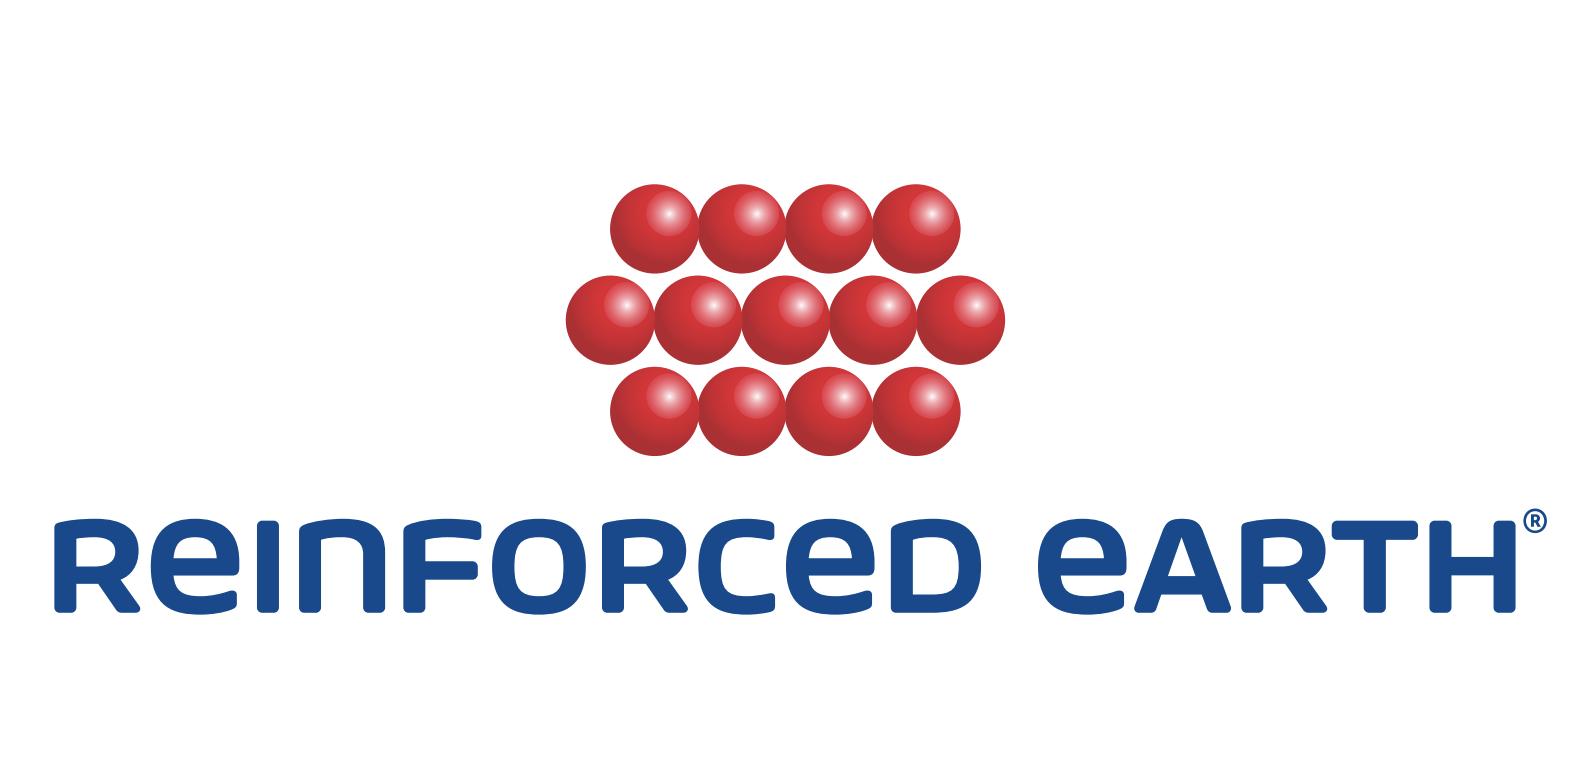 Reinforced Earth logo